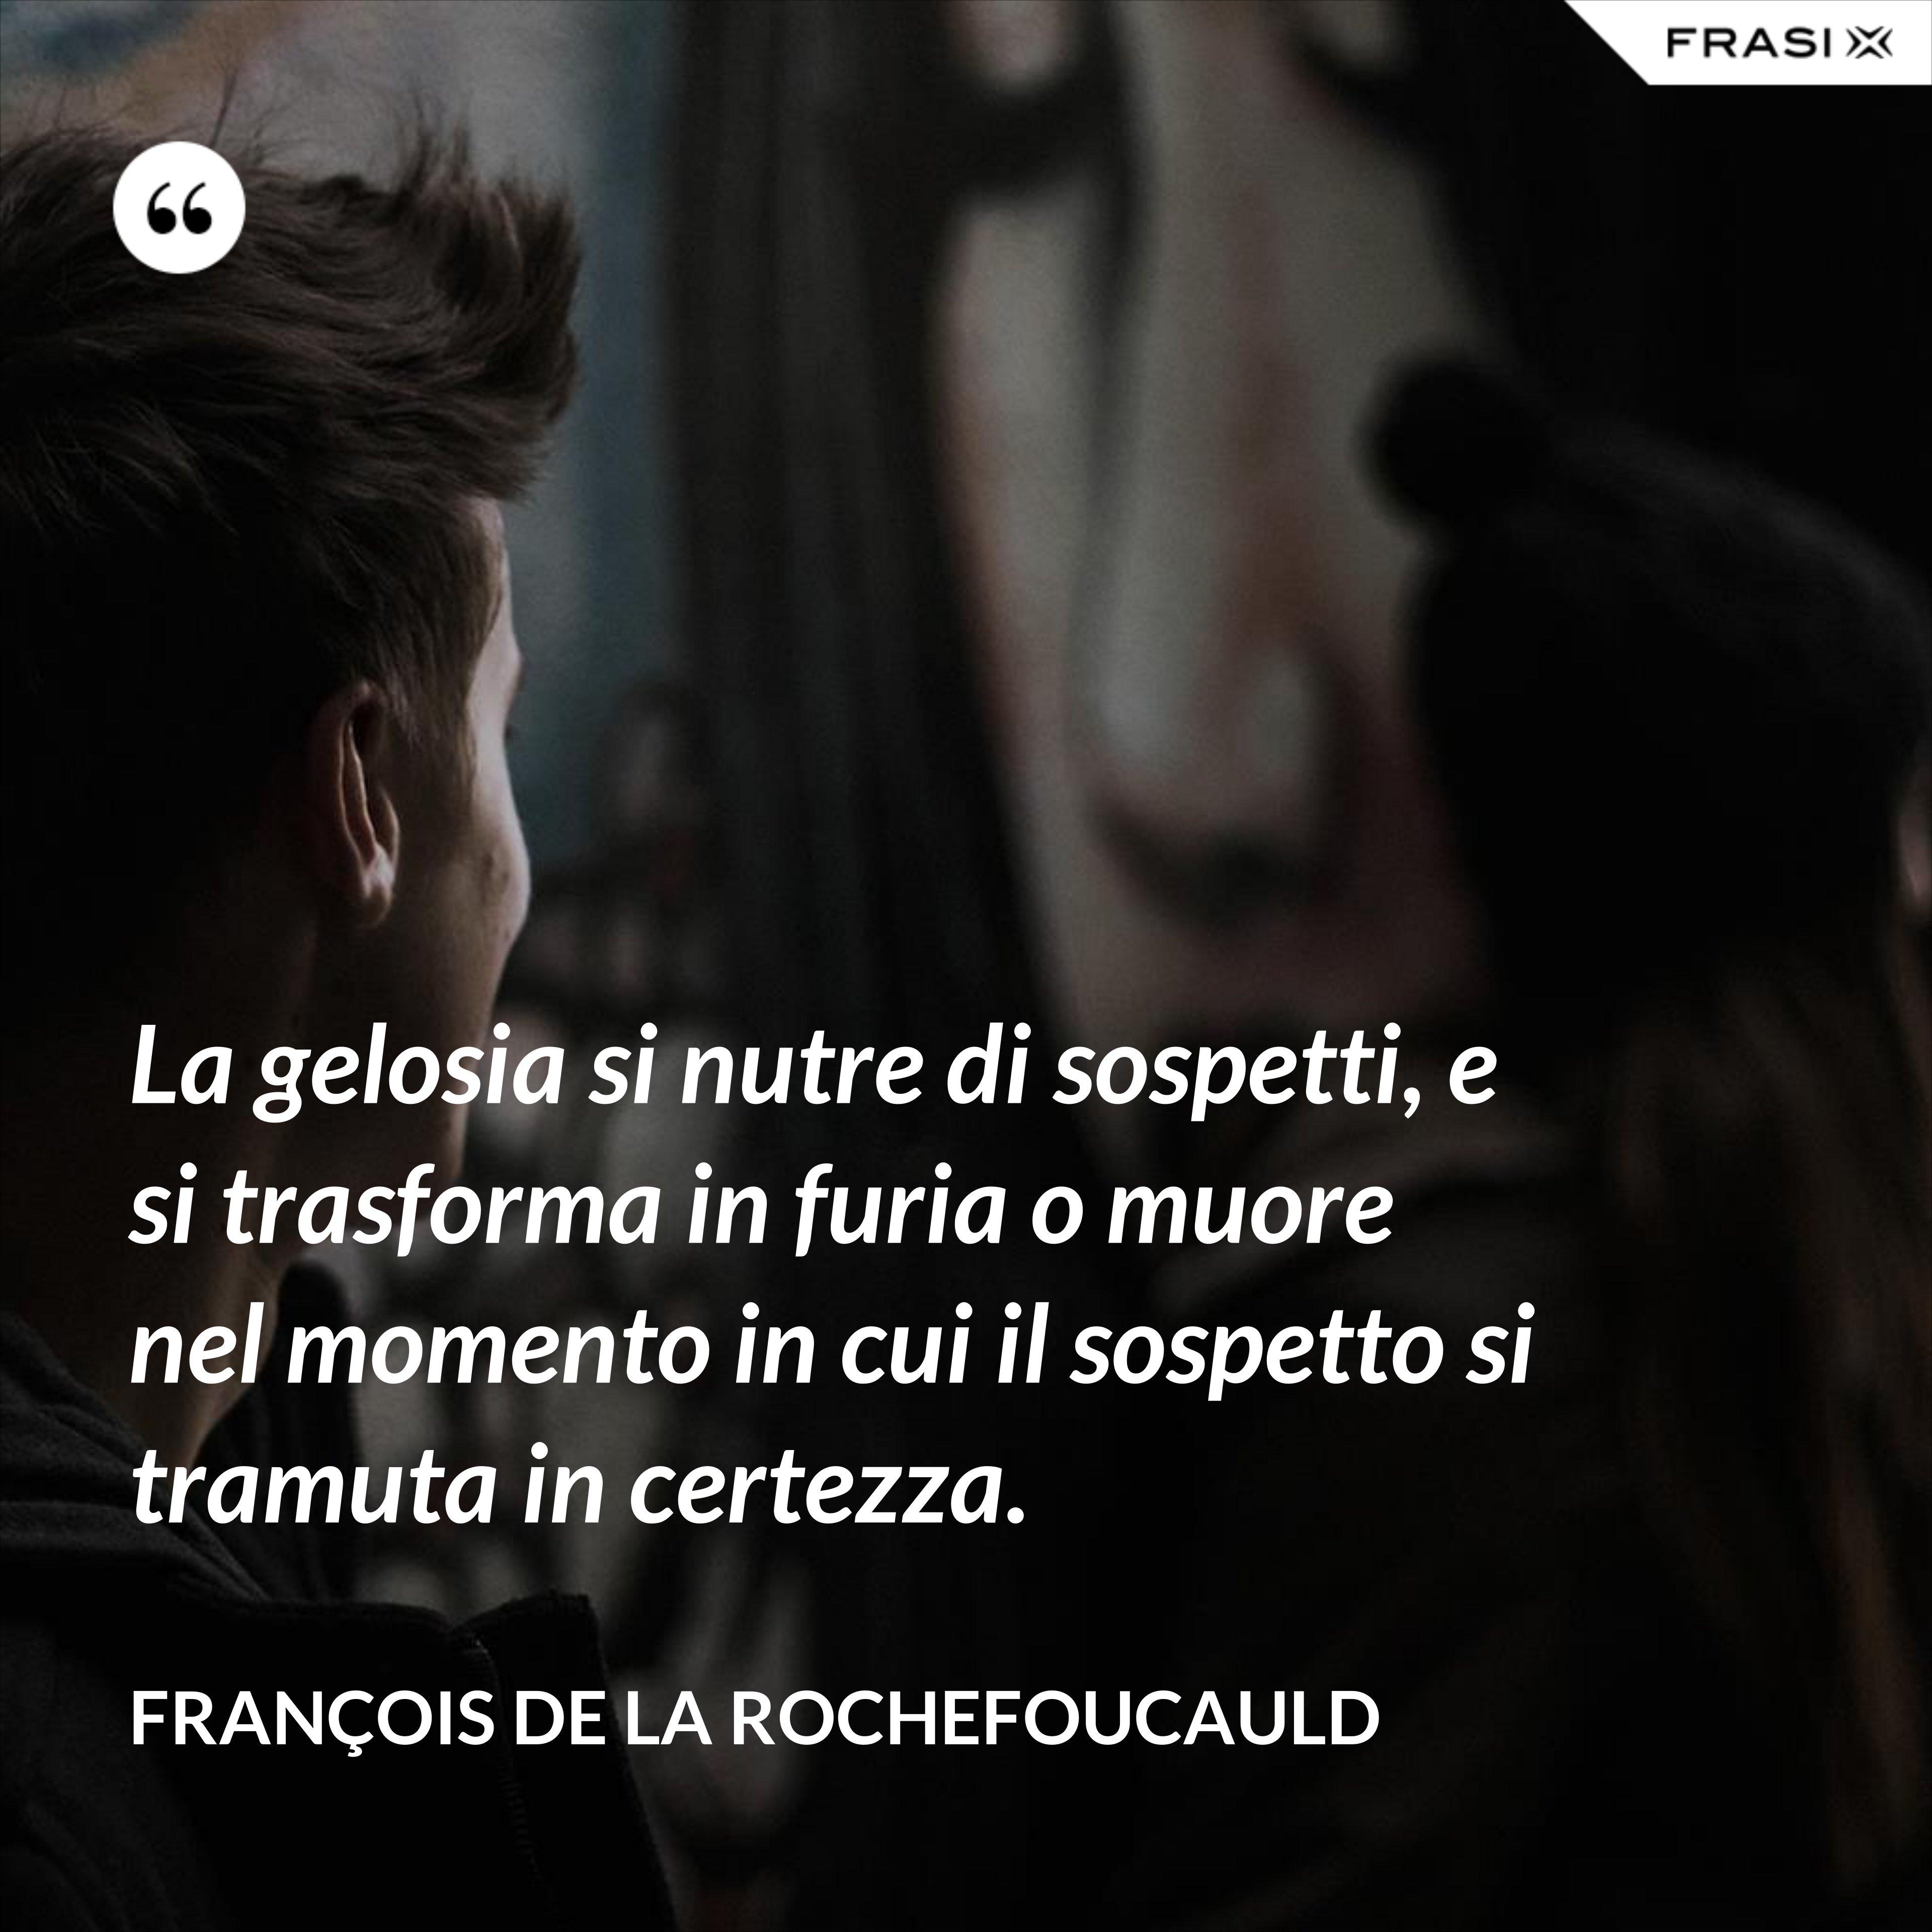 La gelosia si nutre di sospetti, e si trasforma in furia o muore nel momento in cui il sospetto si tramuta in certezza. - François de La Rochefoucauld